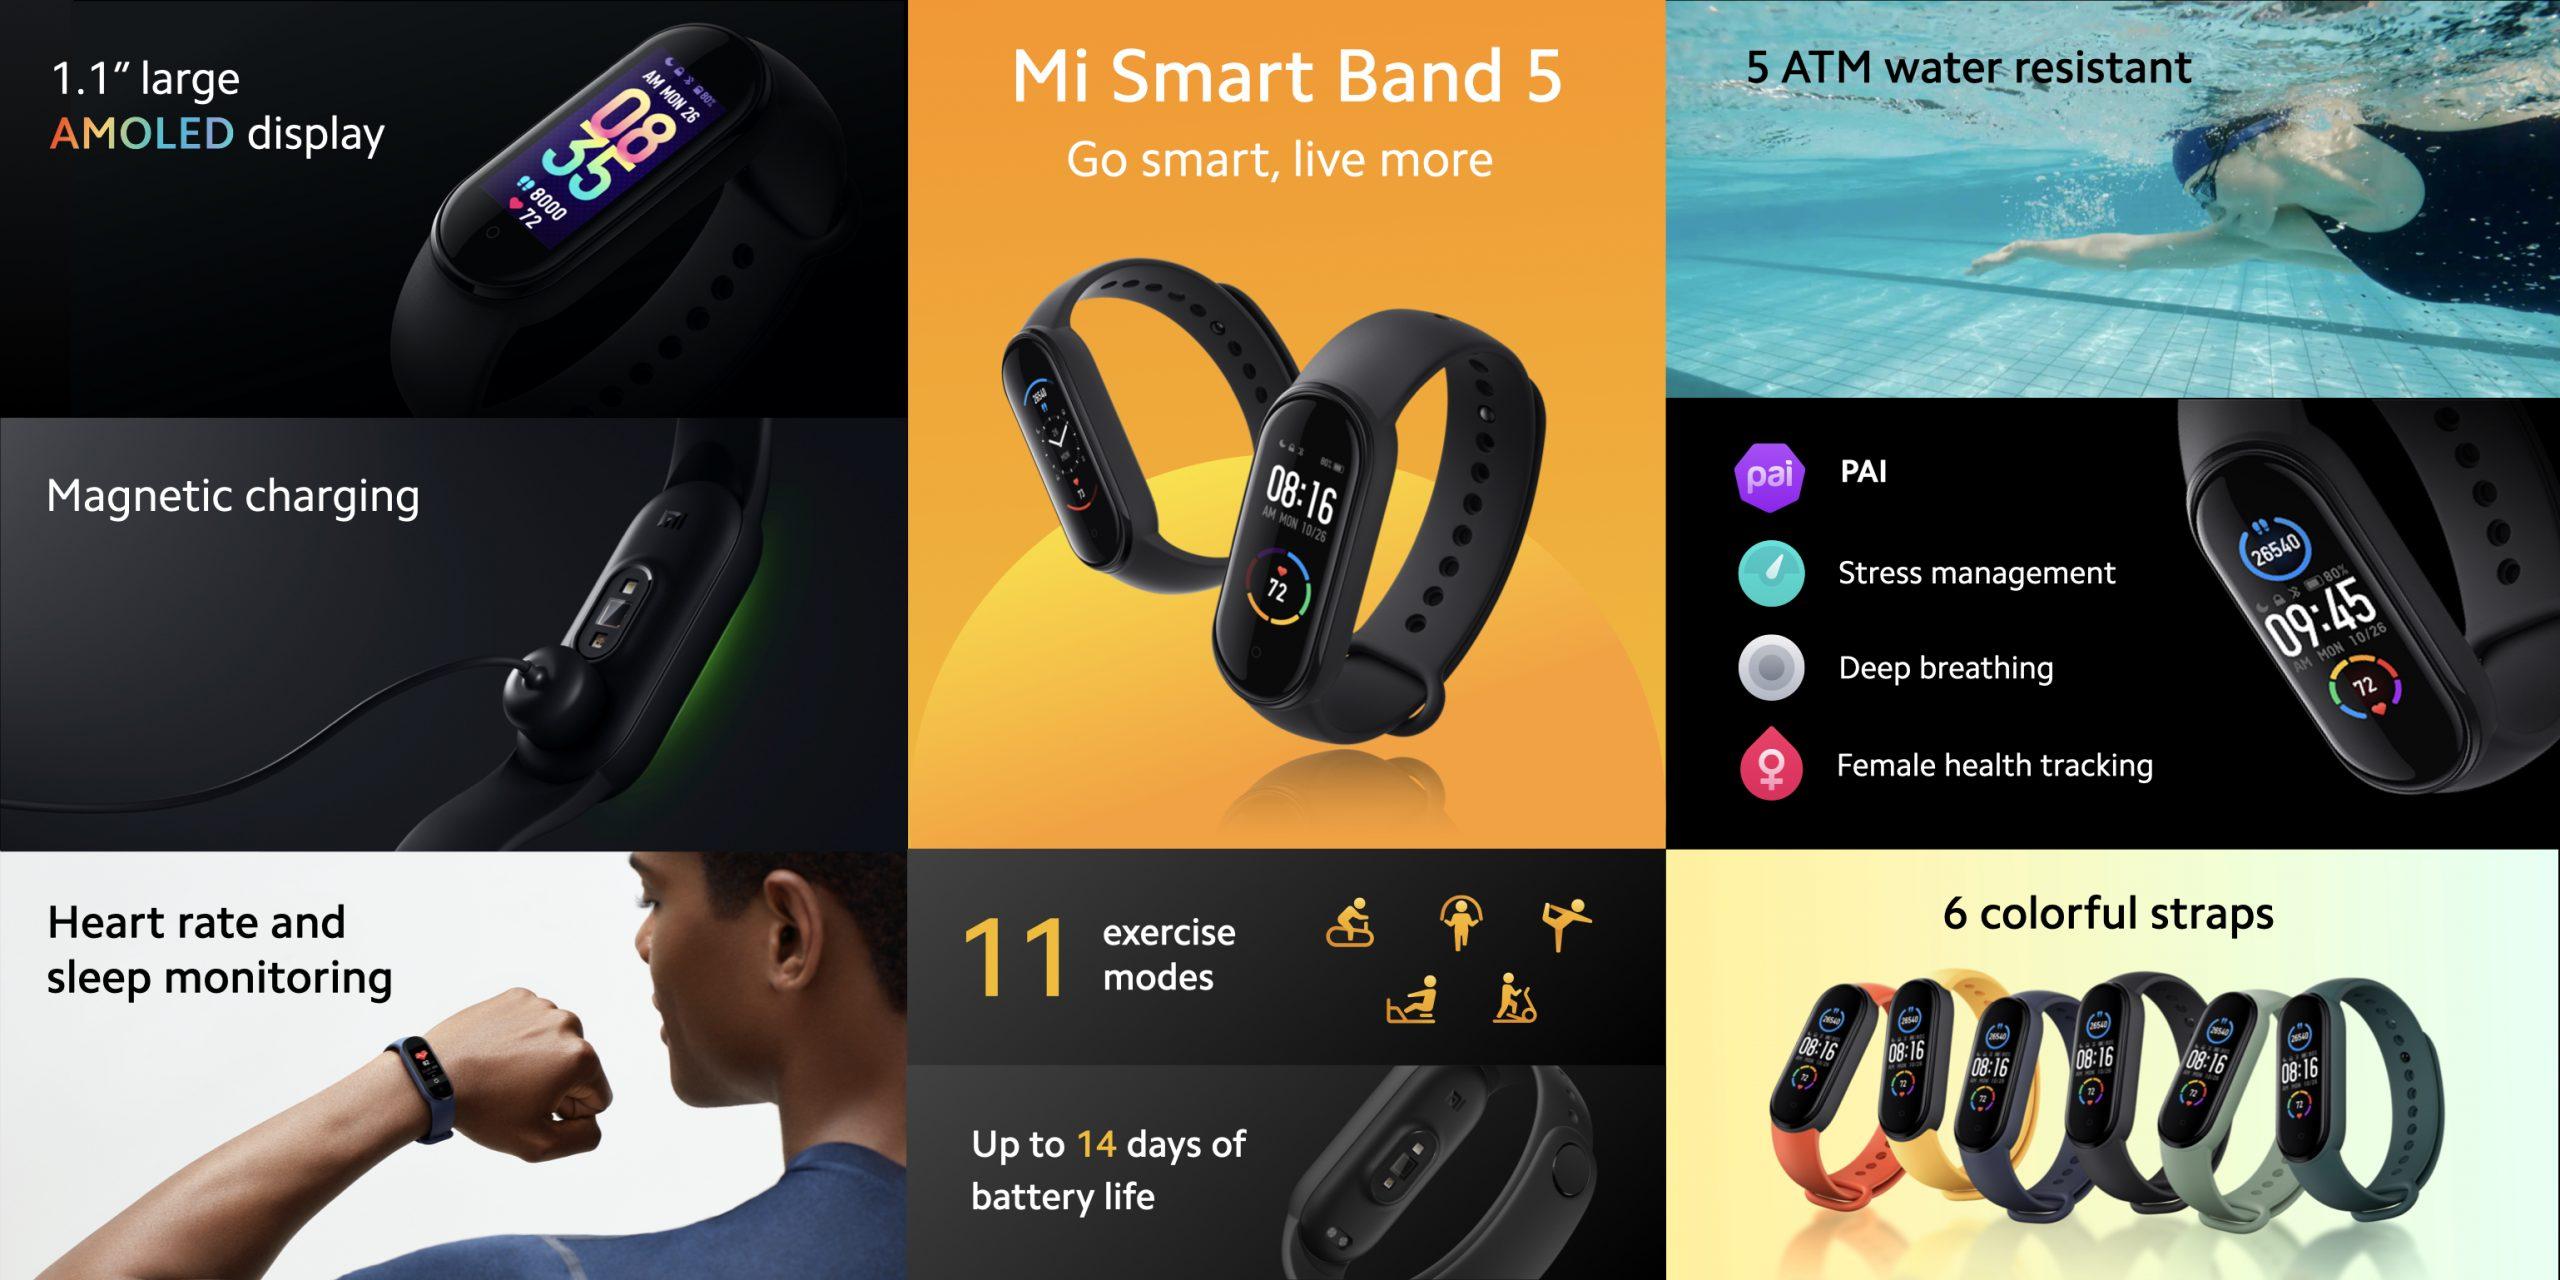 Xiaomi Mi Smart Band 5 Global, características, especificaciones y precio. Noticias Xiaomi Adictos